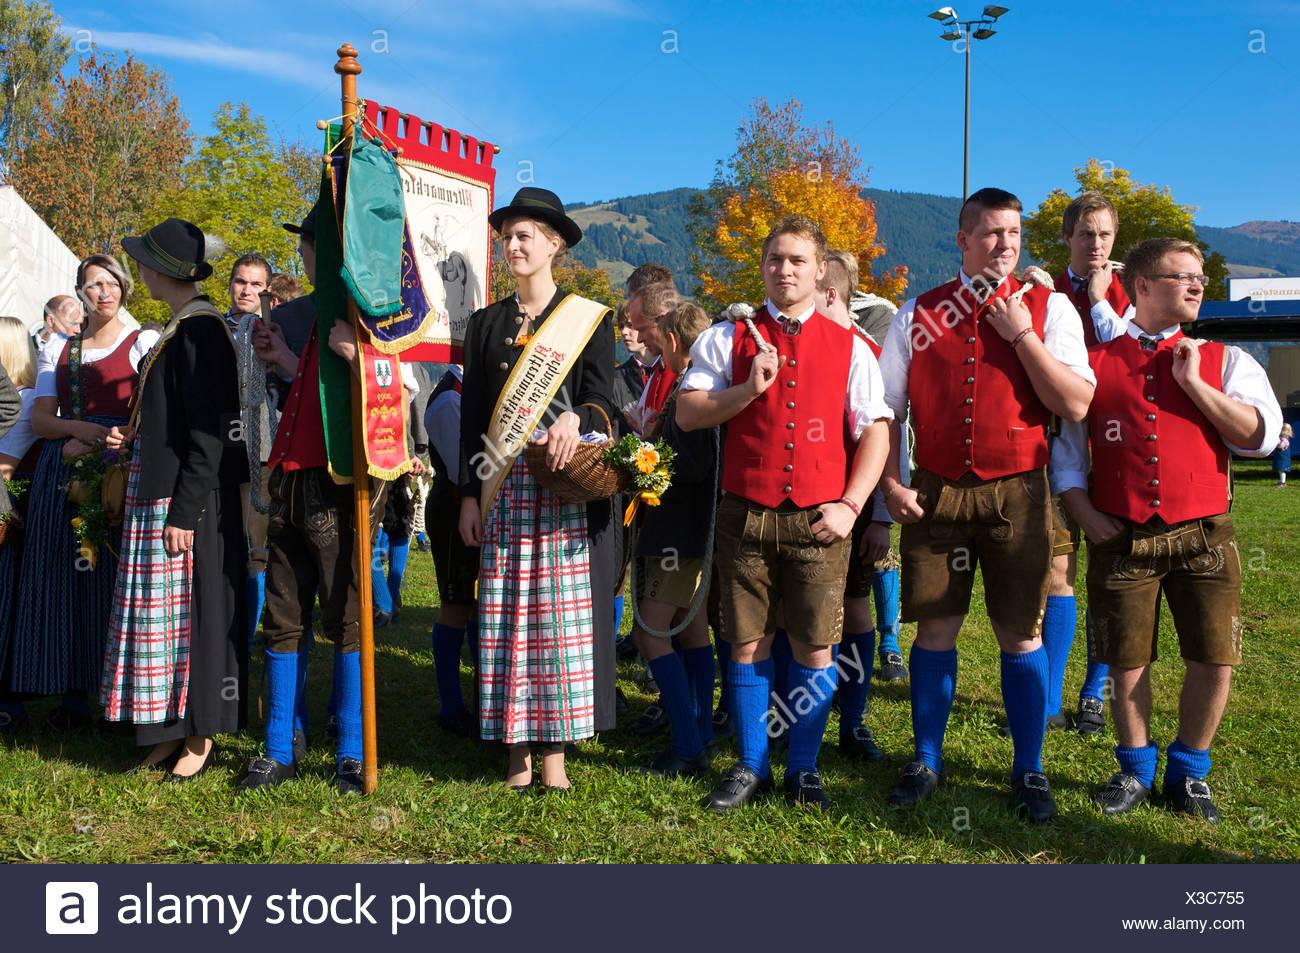 La concurrence traditionnelle Schnalzer, claquement d'un fouet, Saalfelden, région de Pinzgau, Salzburger Land, Autriche, Europe Photo Stock